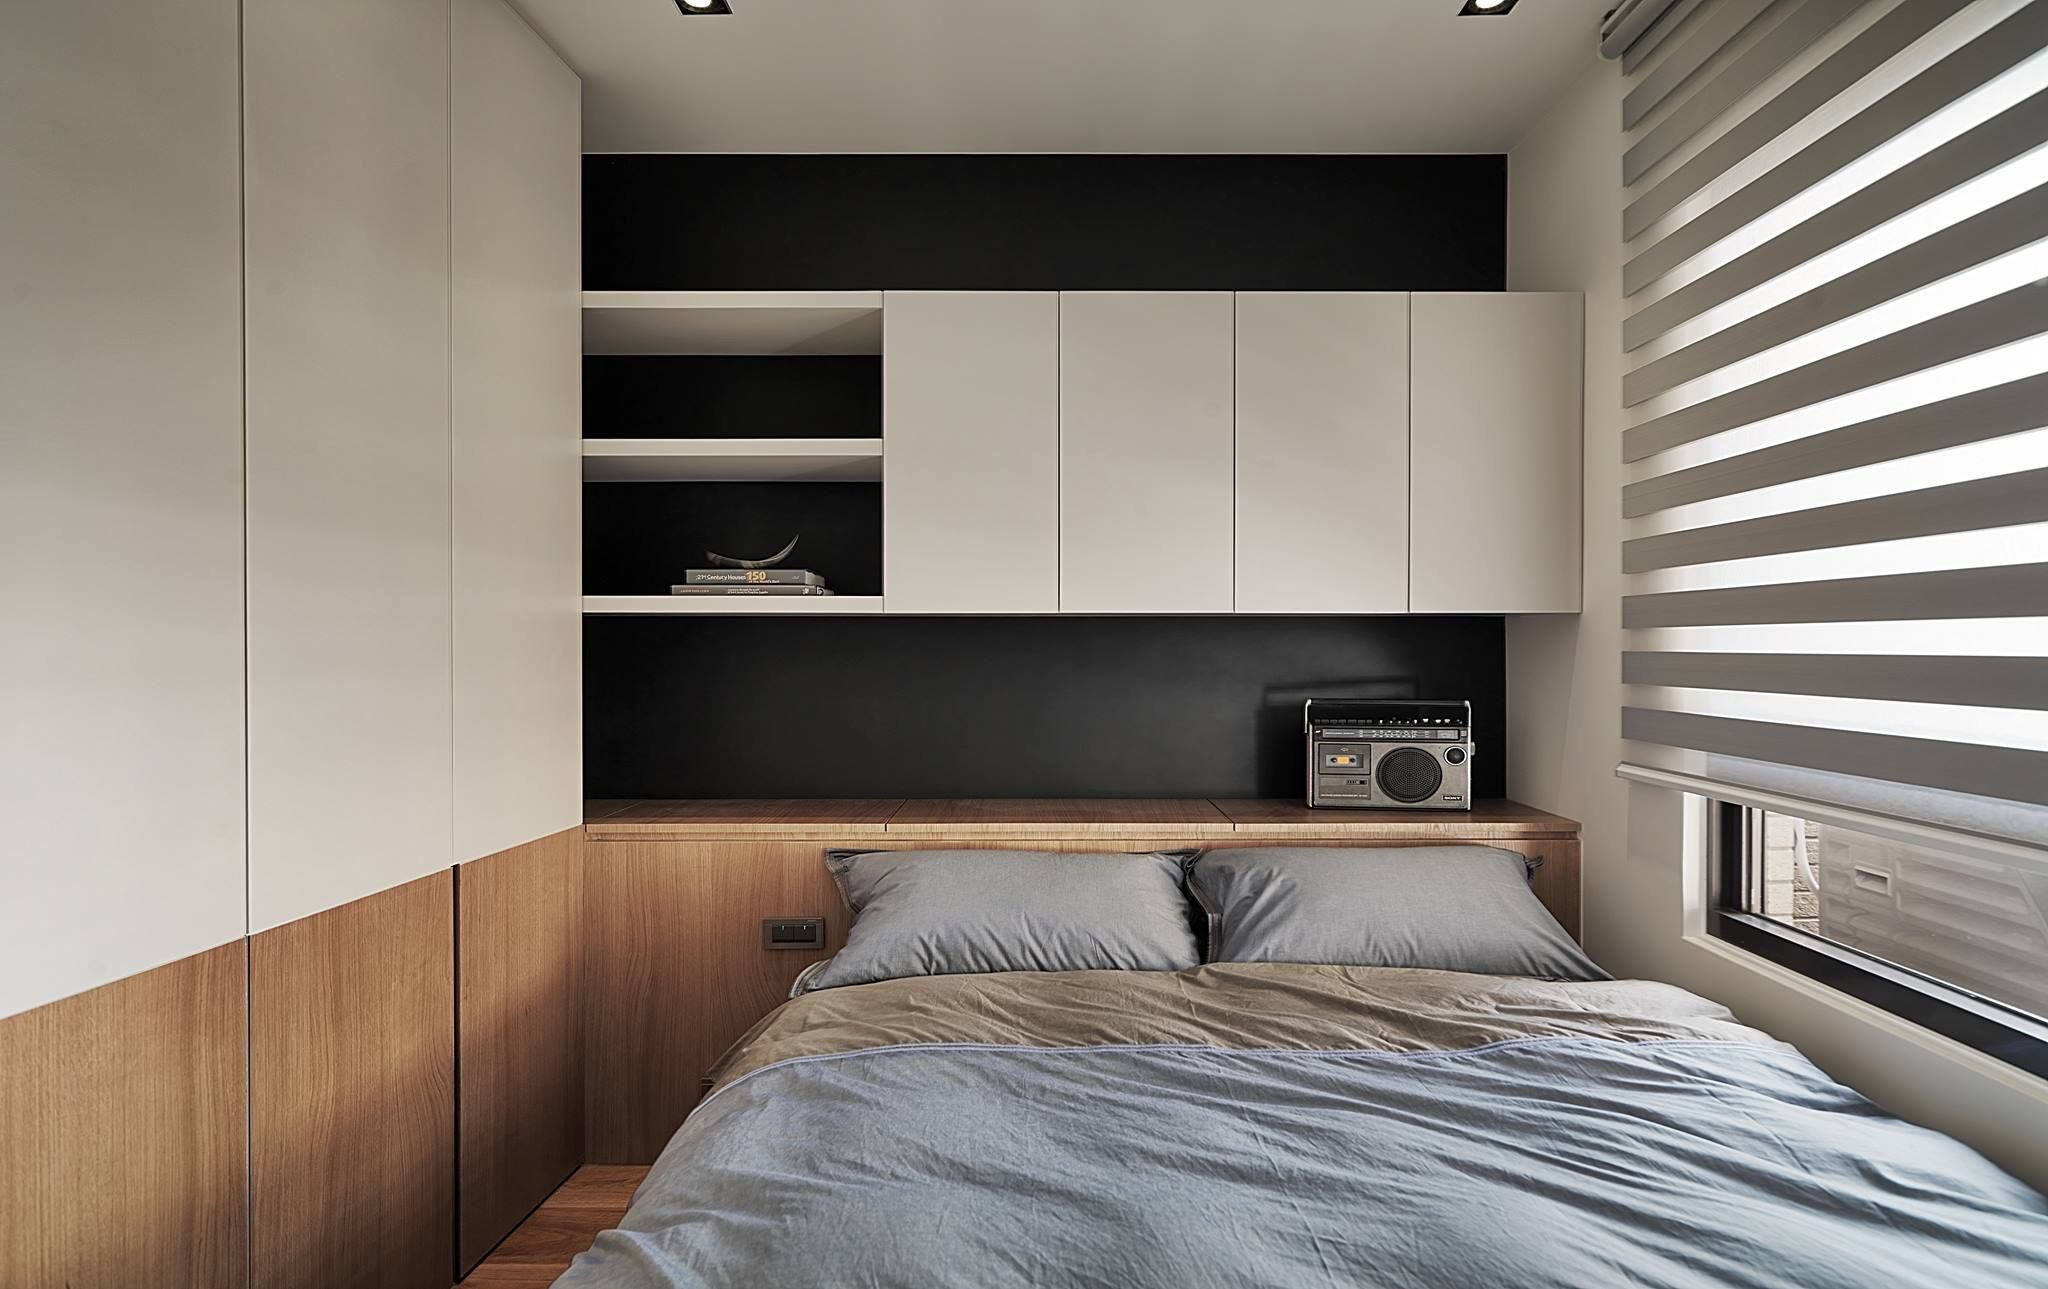 Mała sypialnia aranżacje pomysły inspiracje